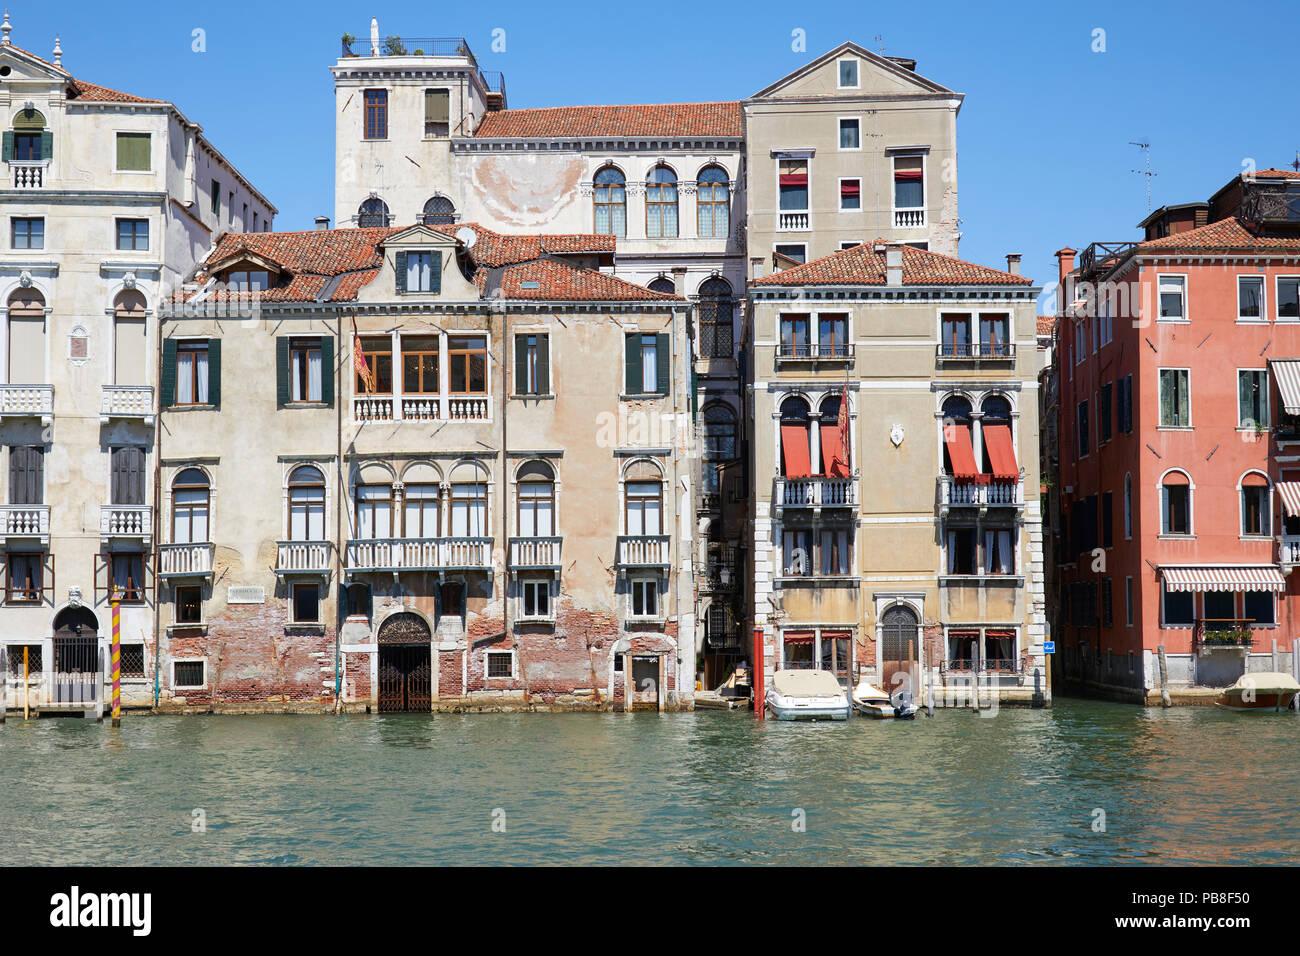 Las fachadas de los edificios de Venecia y el canal en un día soleado en Italia, nadie Imagen De Stock